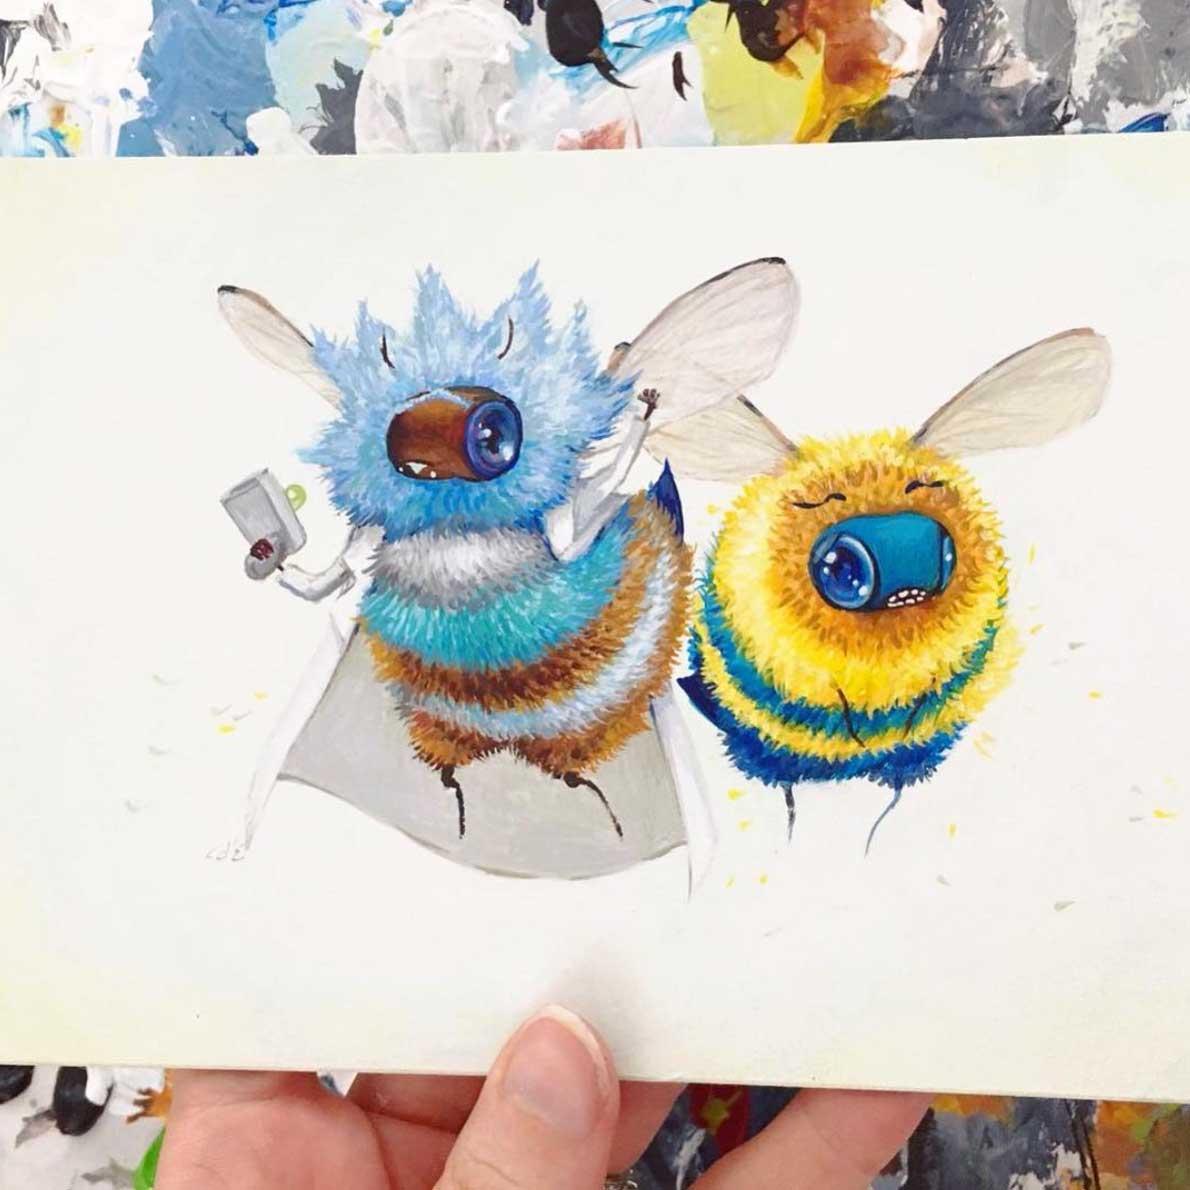 Als Bienen gemalte Popkulturfiguren popkulturbienen-von-Camilla-dErrico_09